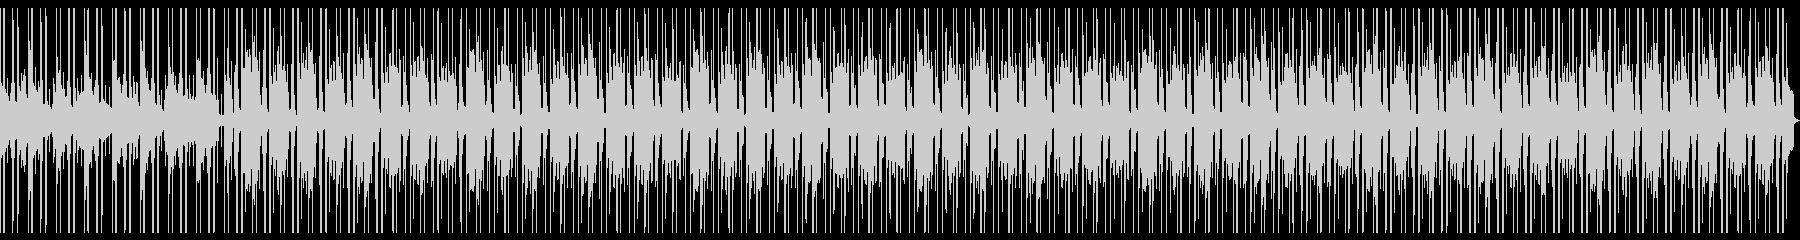 Lofiピアノの悲しいメロディーBGMの未再生の波形